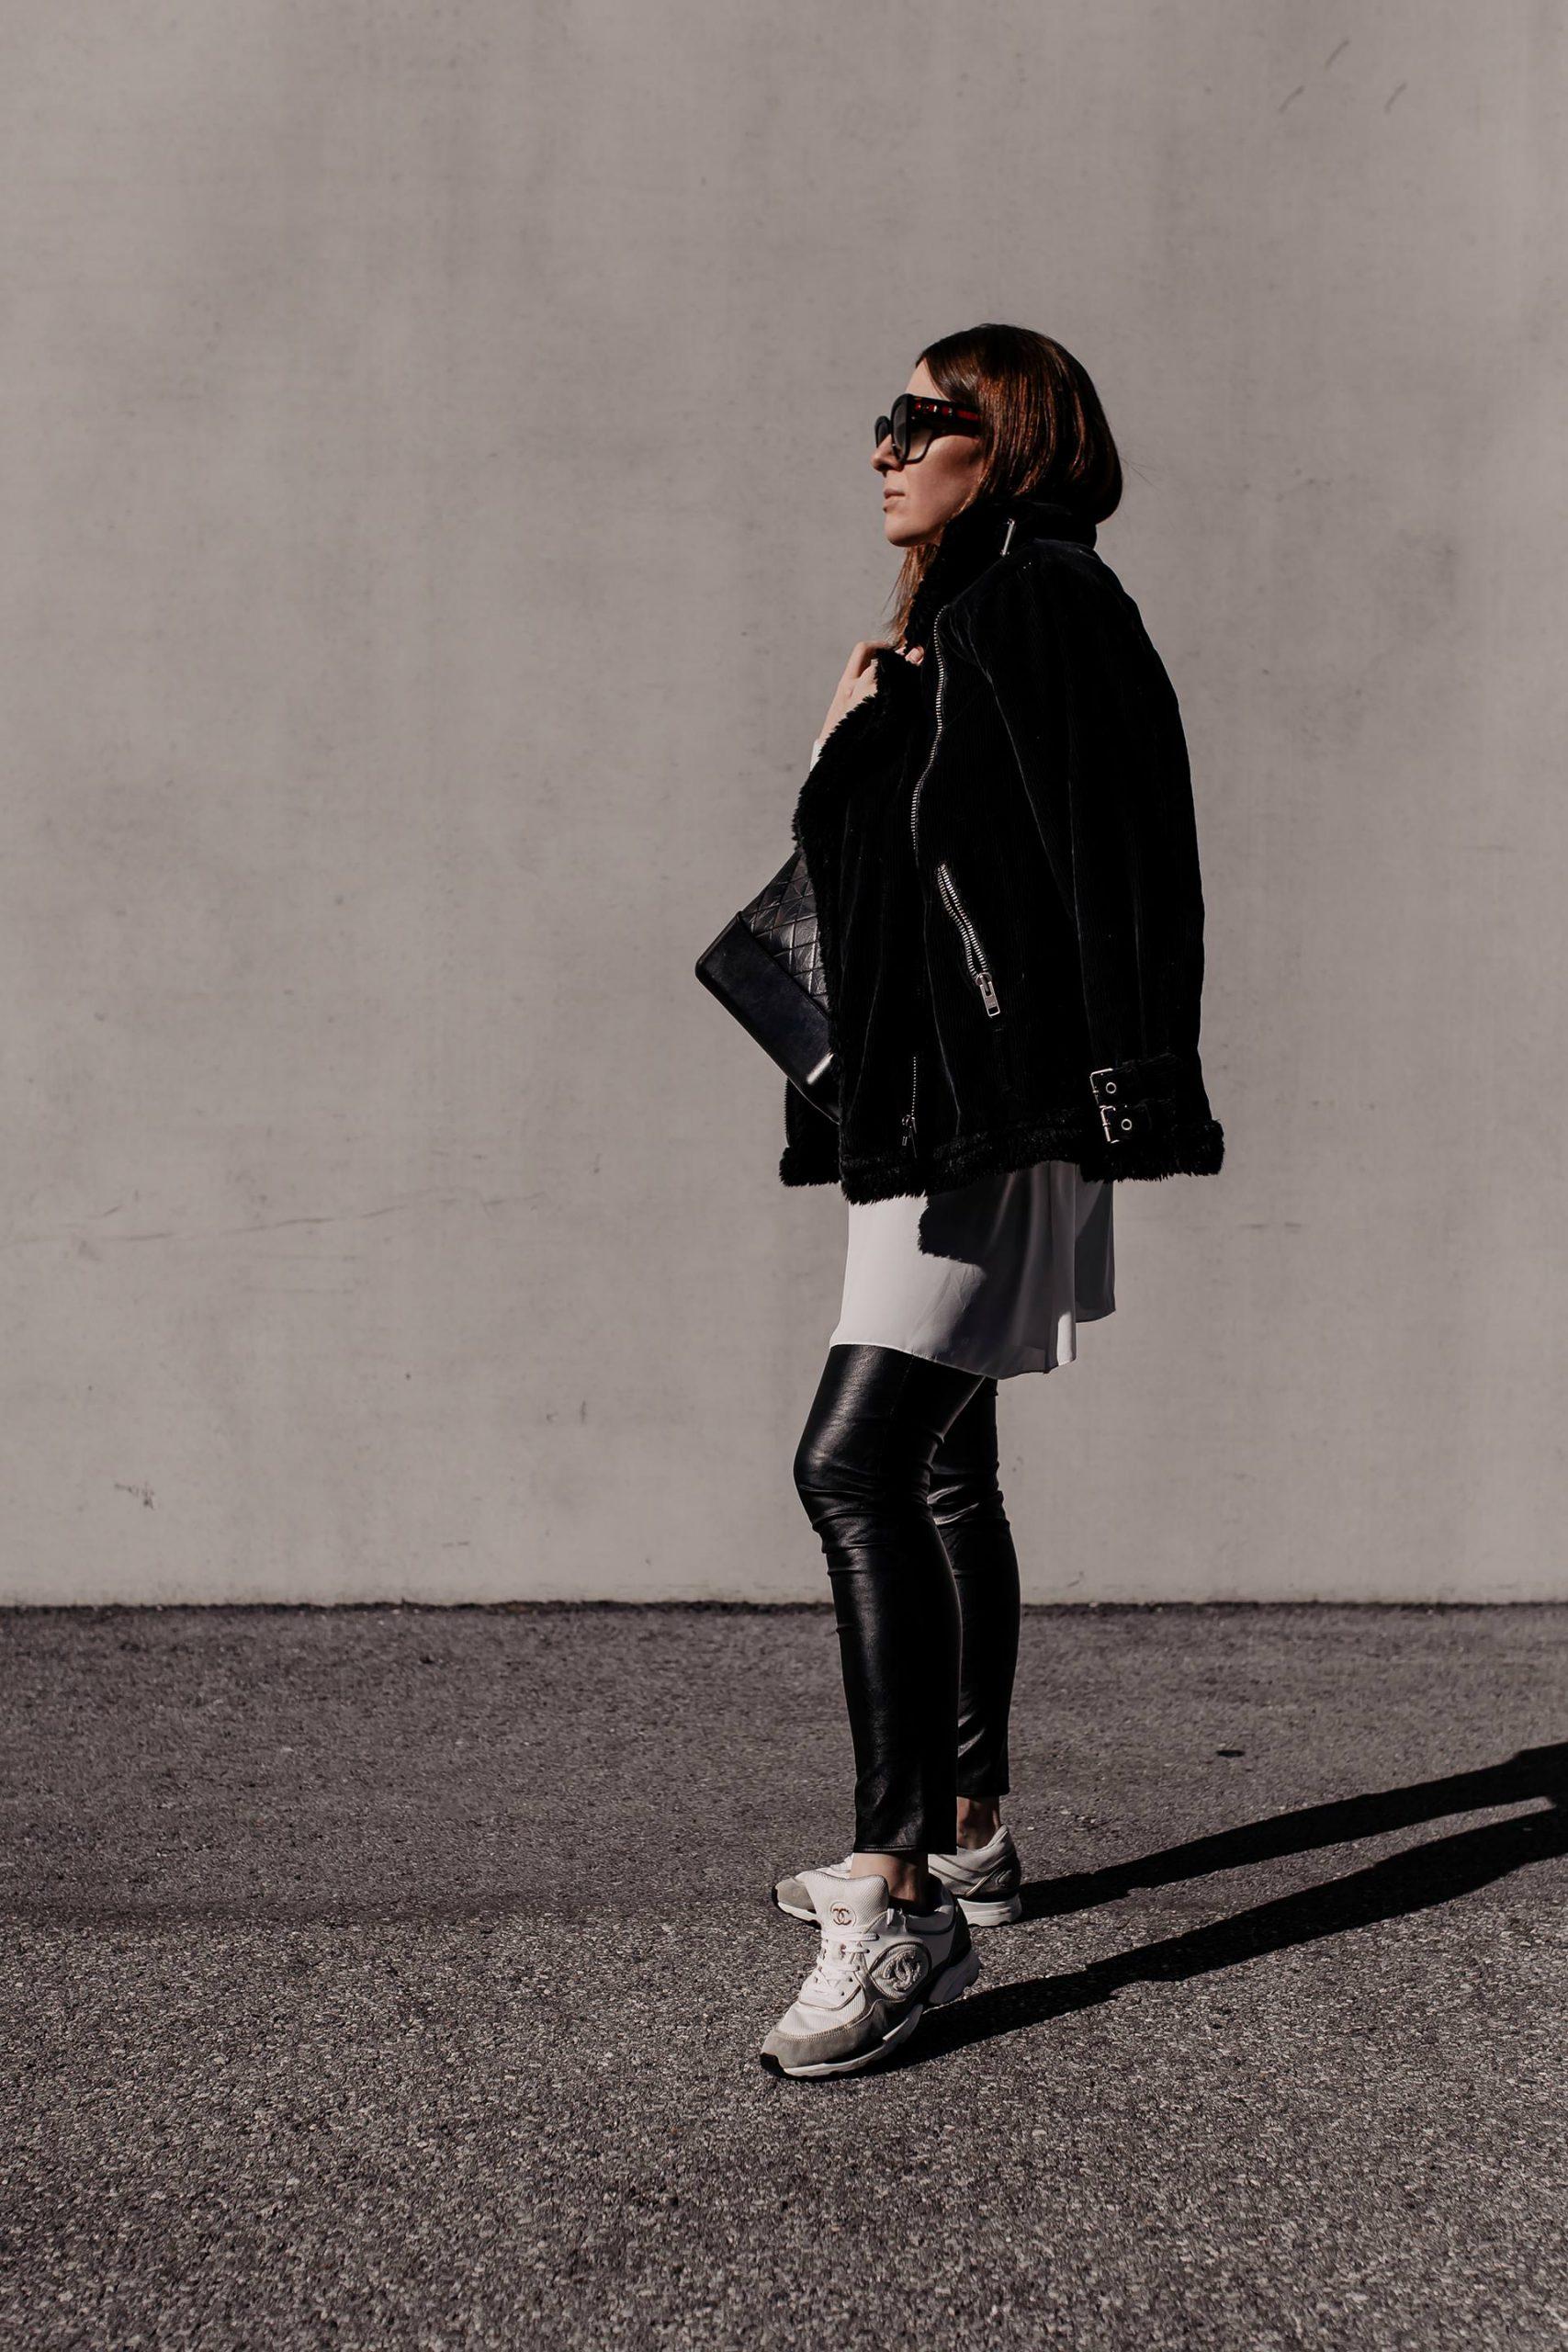 Die Modetrends für 2021 sagen uns bequeme Zeiten voraus und wir haben die Qual der Wahl. Sneaker für den Frühling gibt es viele – am Modeblog stelle ich dir die schönsten und ein Frühlingsoutfit vor. www.whoismocca.com